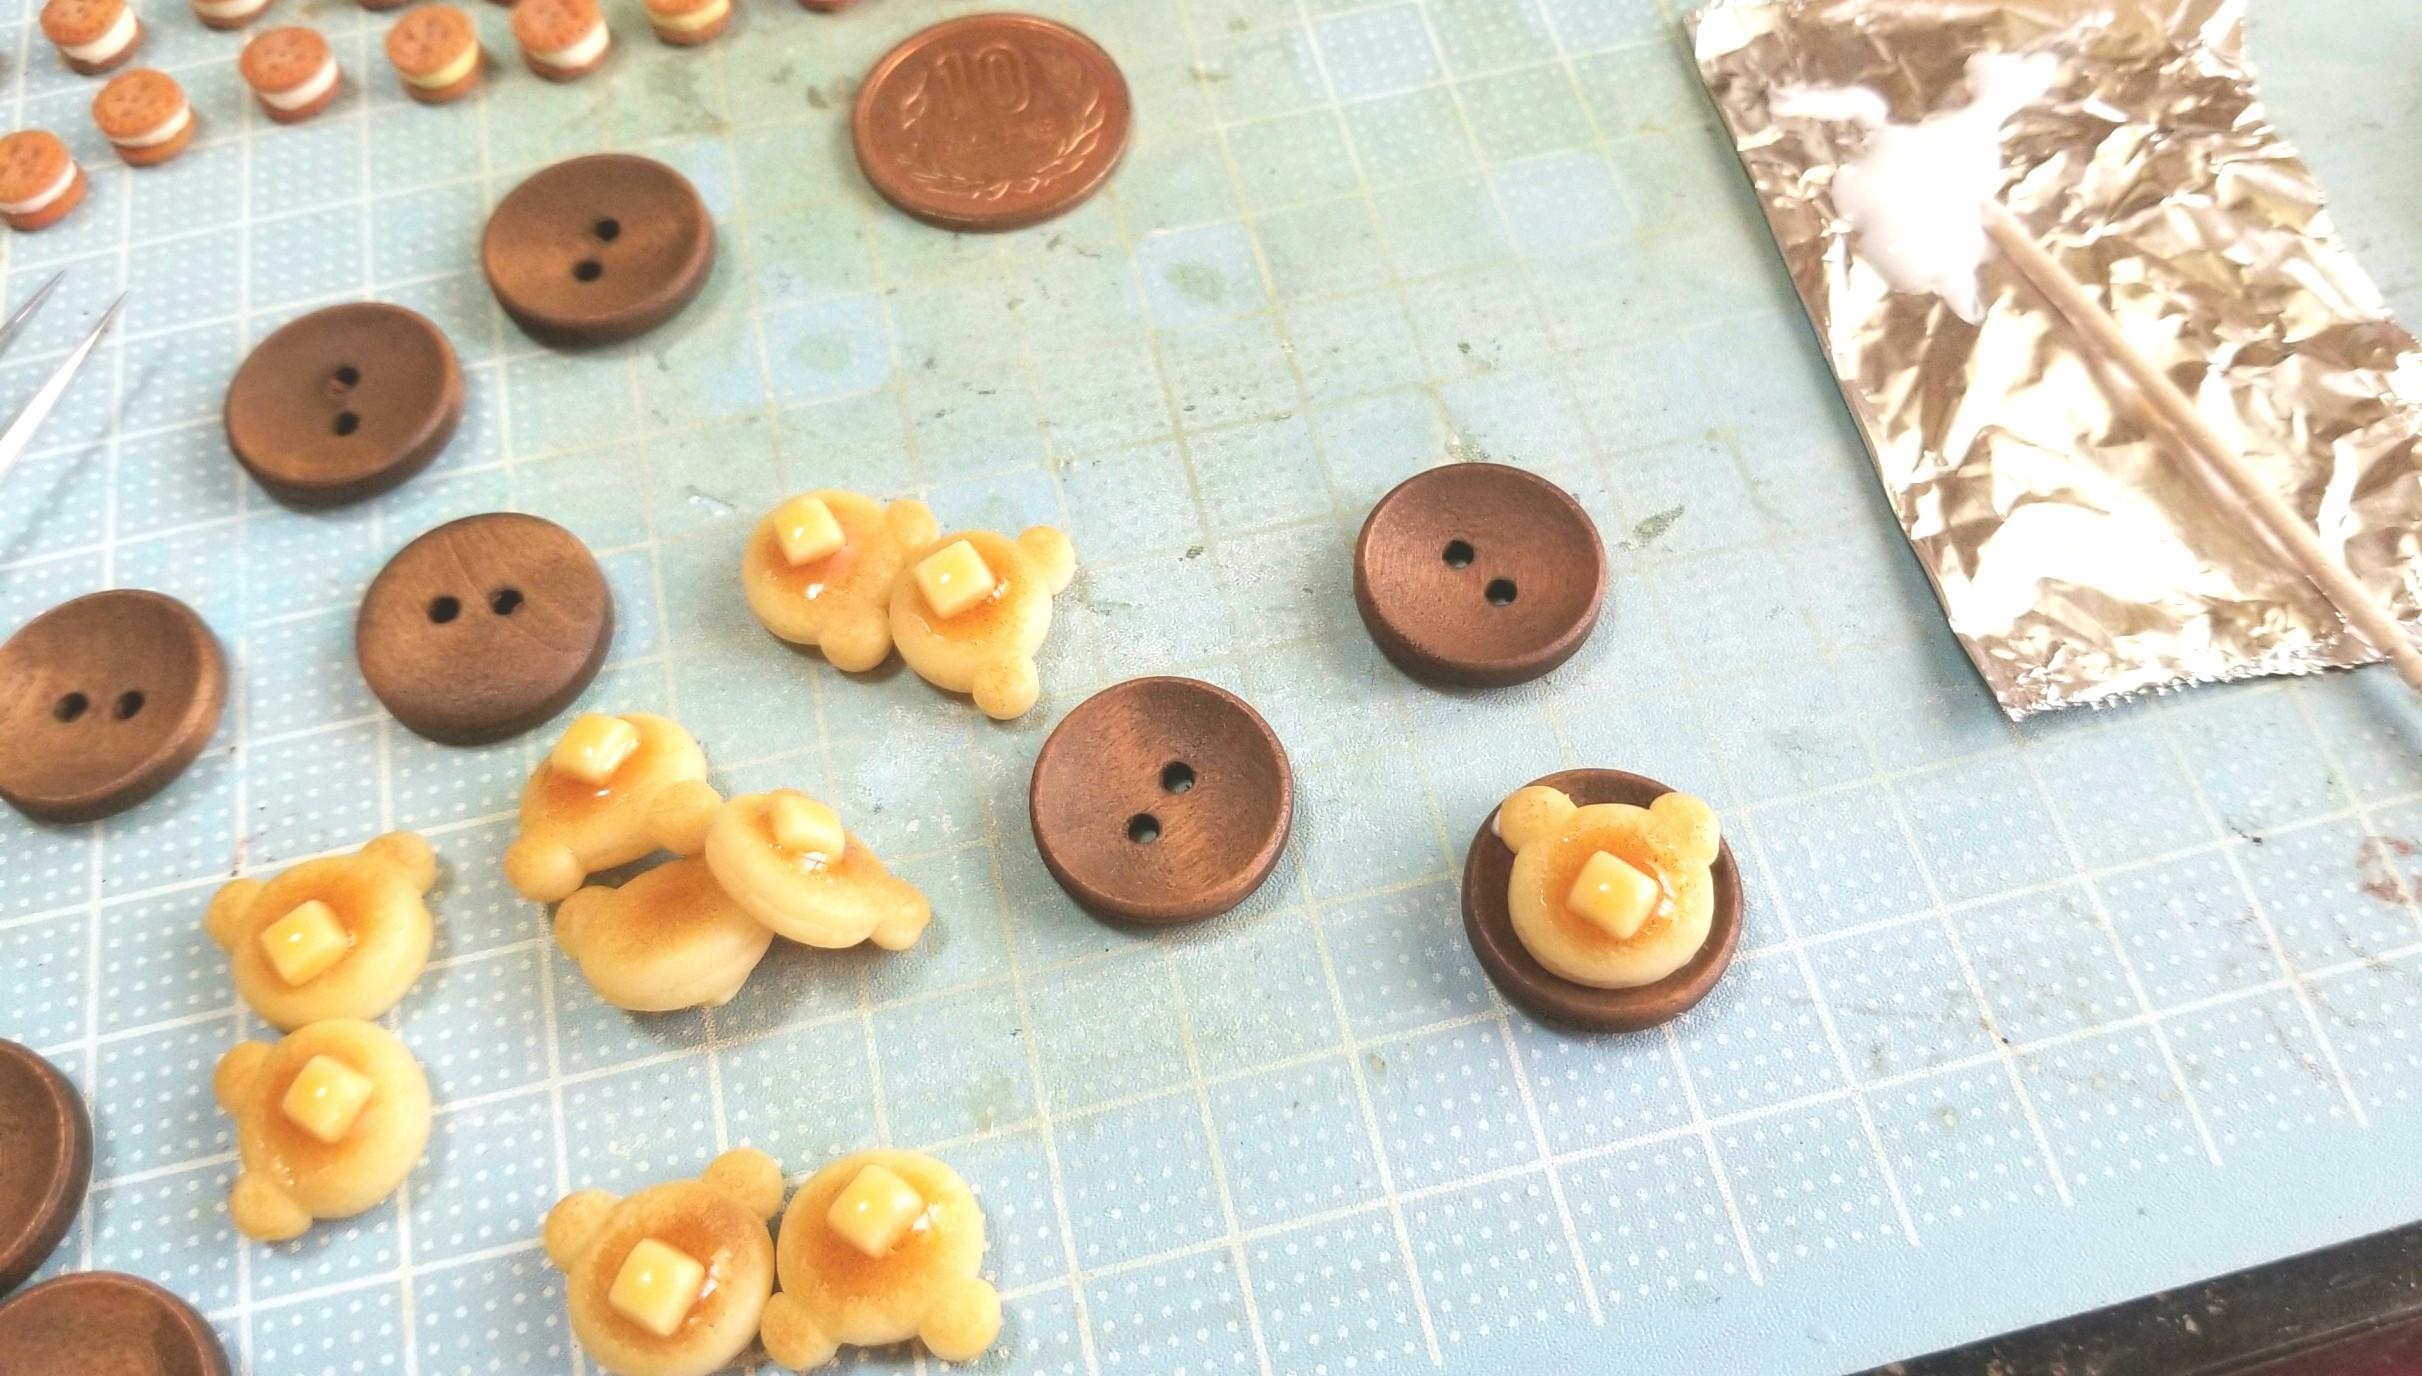 ブローチ,ホットケーキ,クマ,作り方,ミニチュアフード,アクセサリー